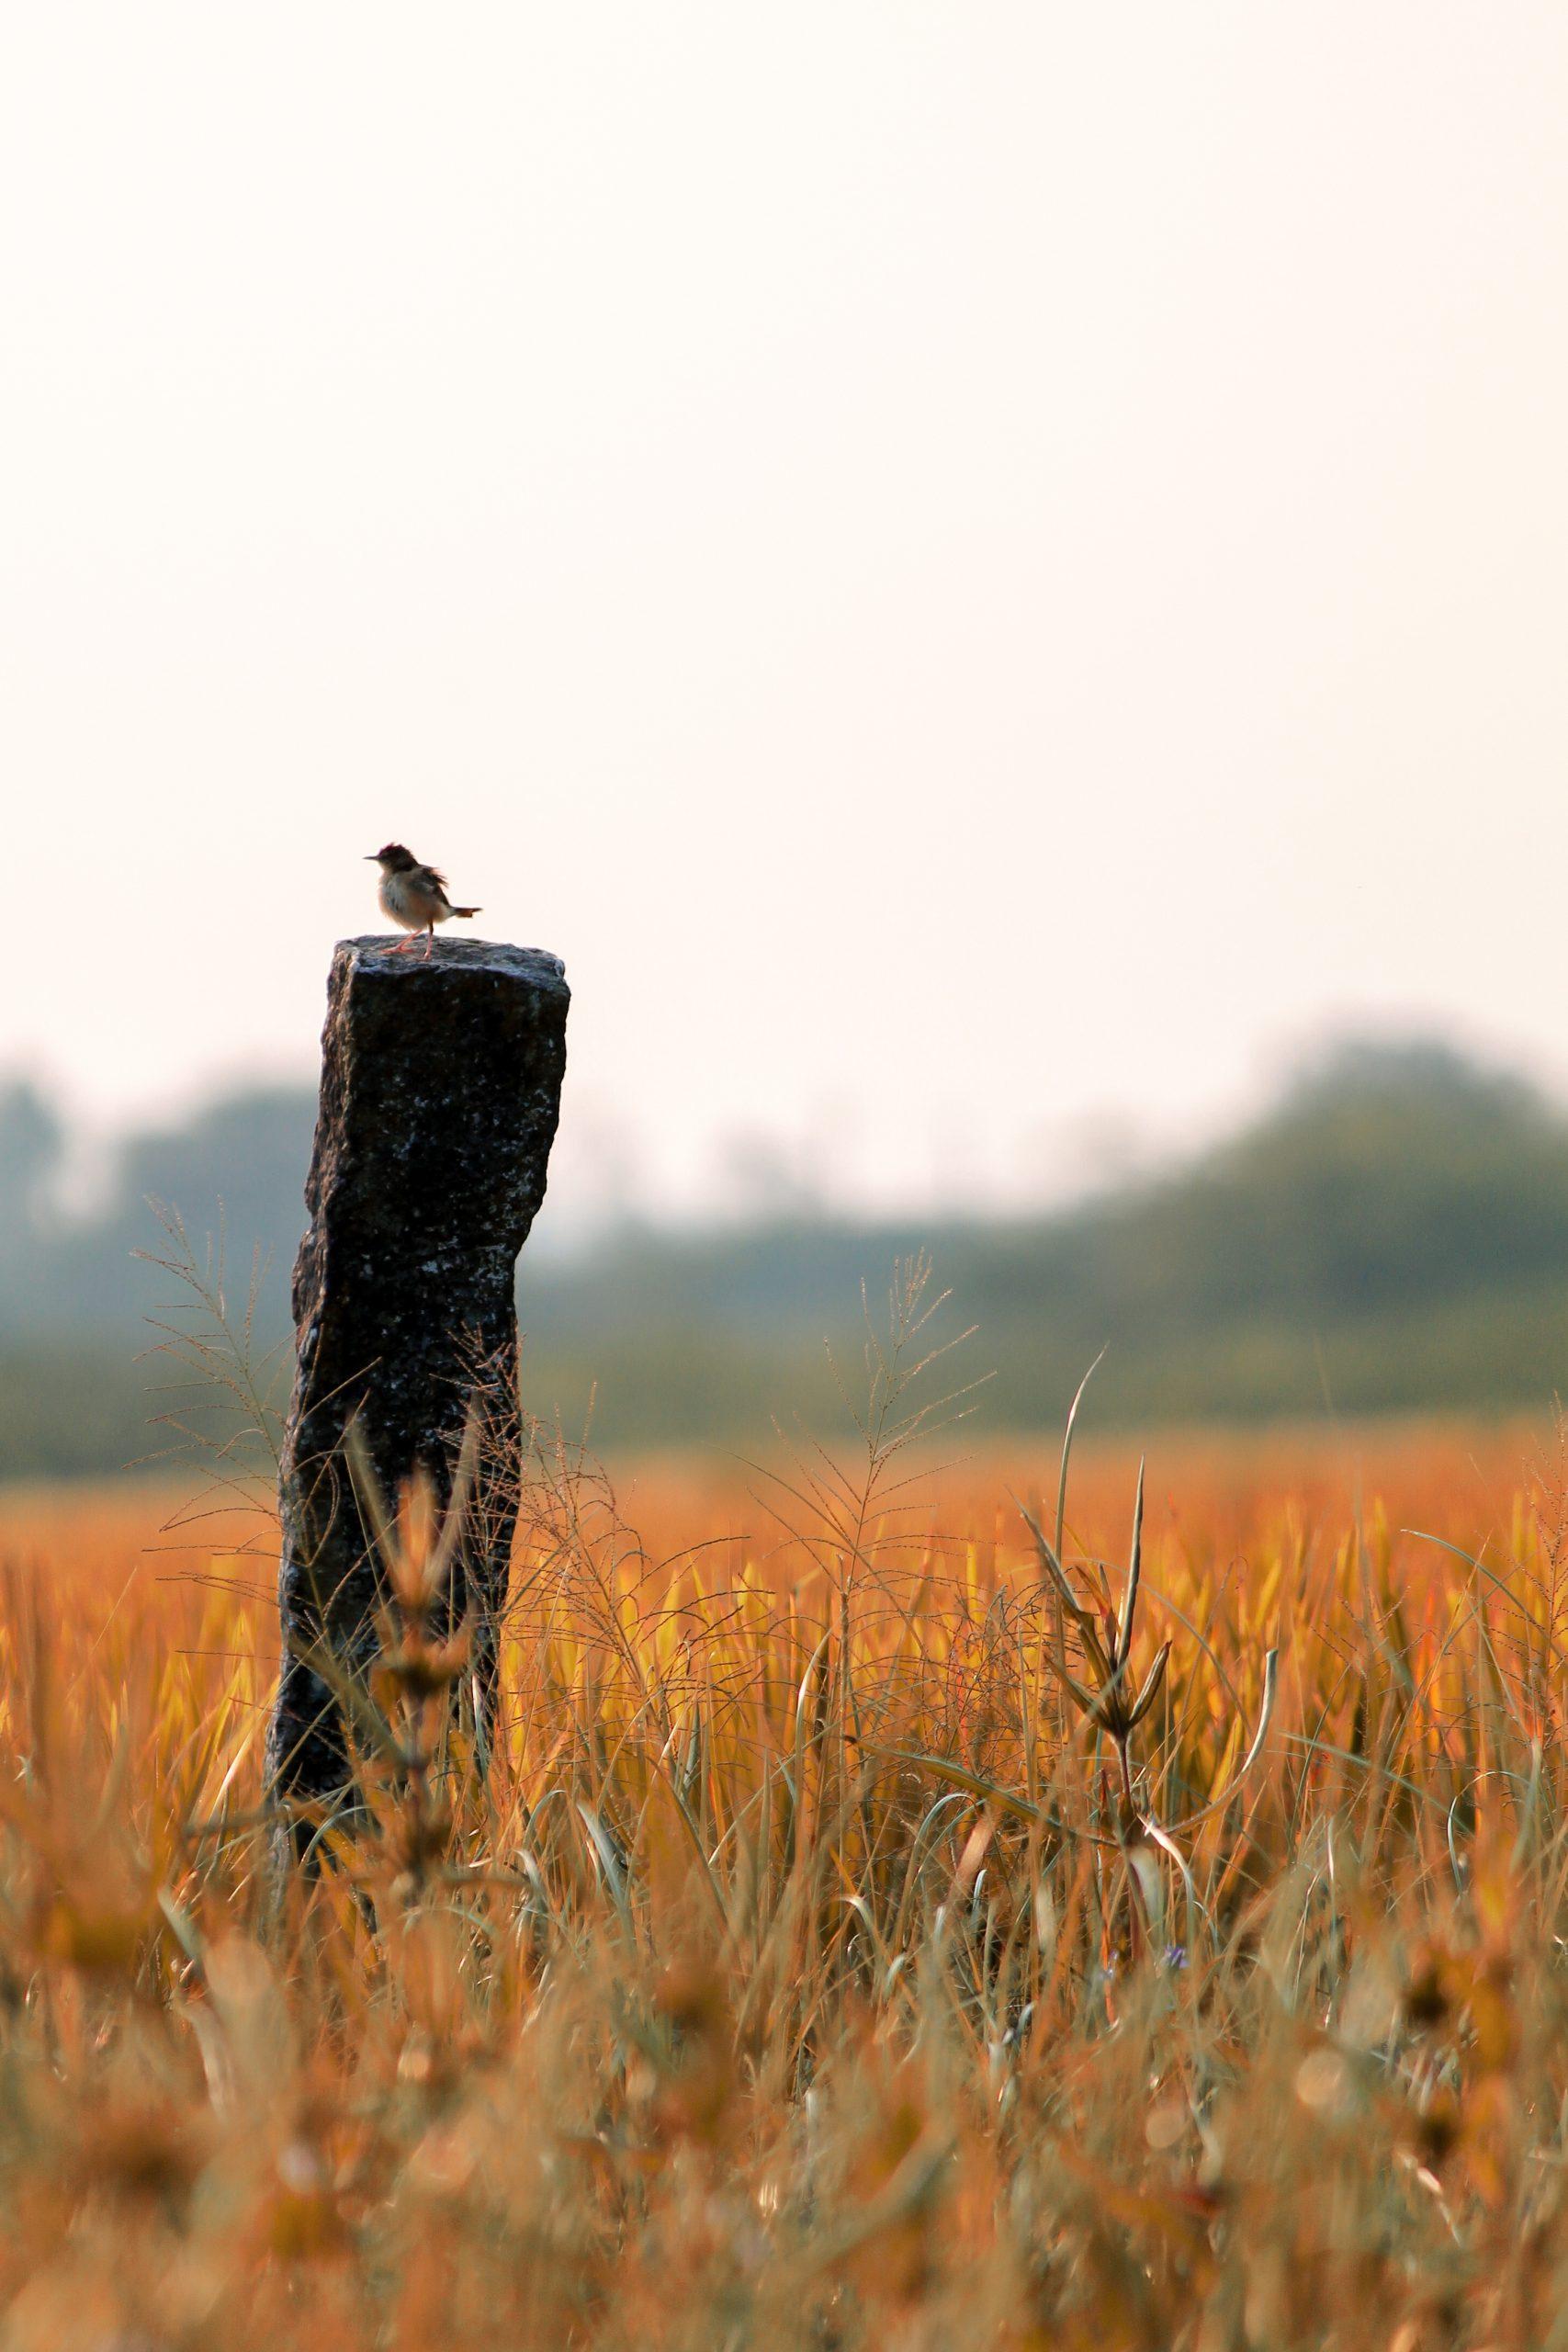 A tiny bird on a pole